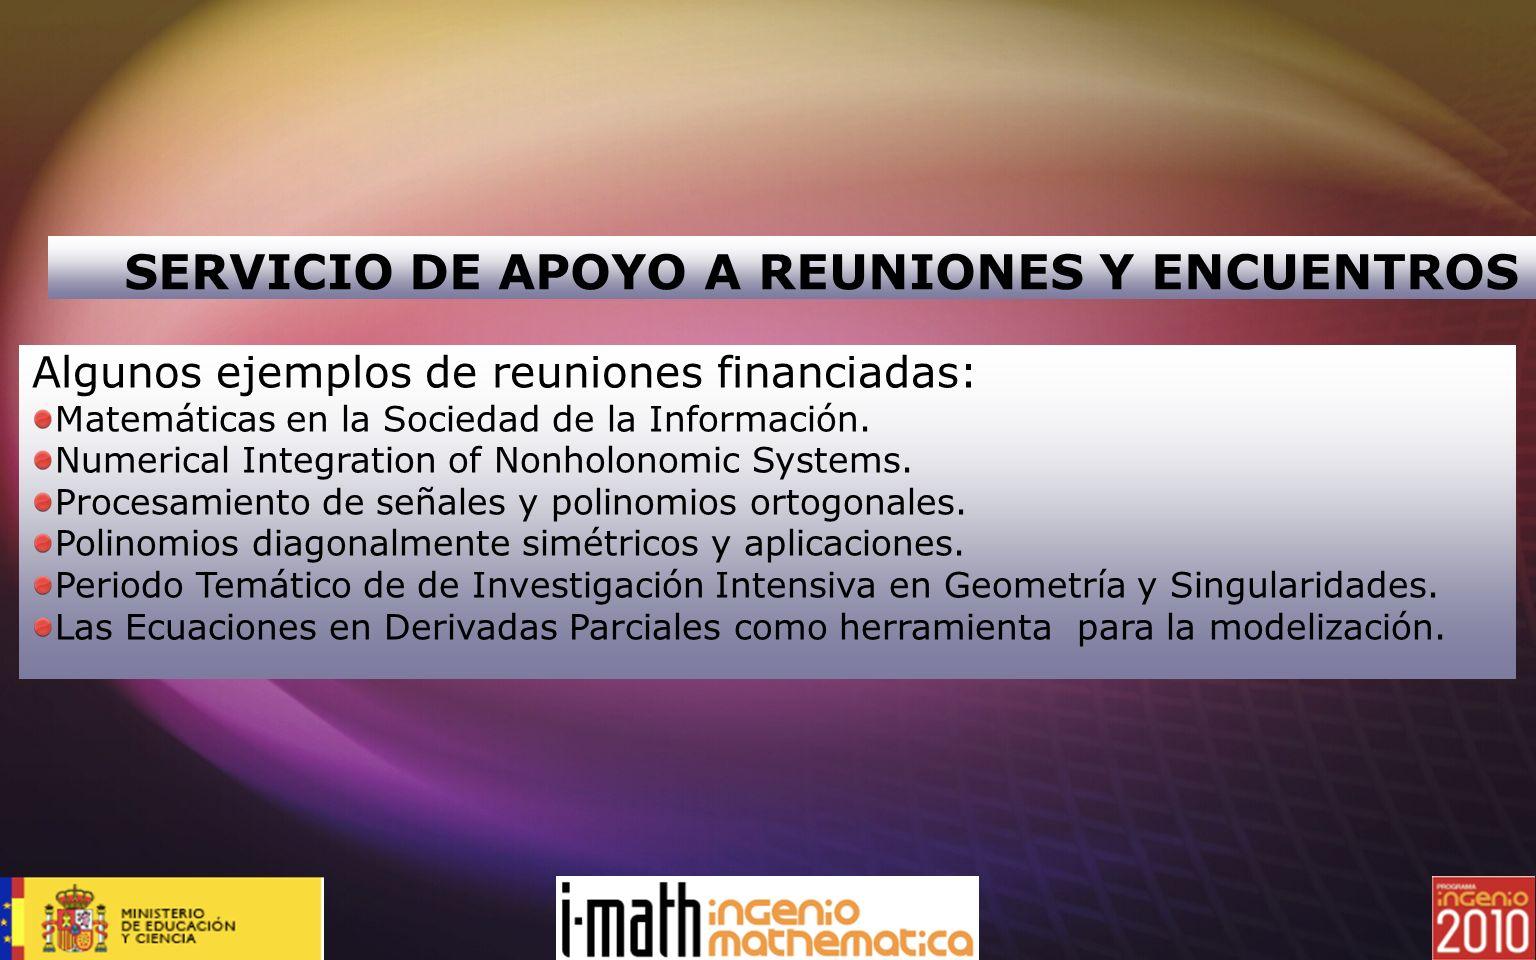 SERVICIO DE APOYO A REUNIONES Y ENCUENTROS